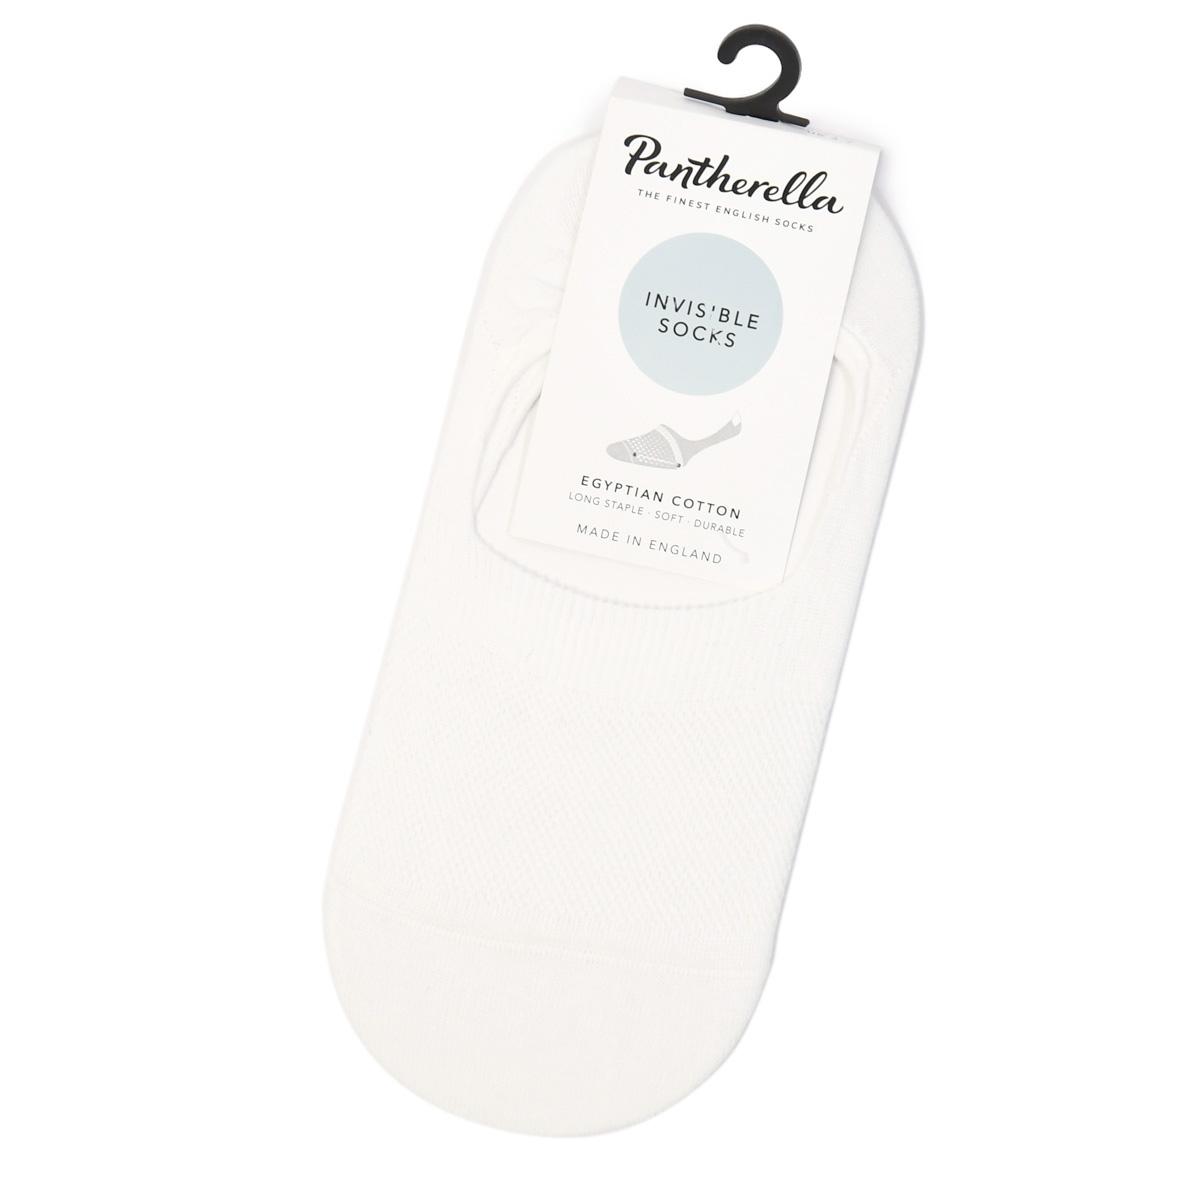 Pantherella【パンセレラ】ソックス靴下 W3000F 005  コットン ナイロン ホワイト